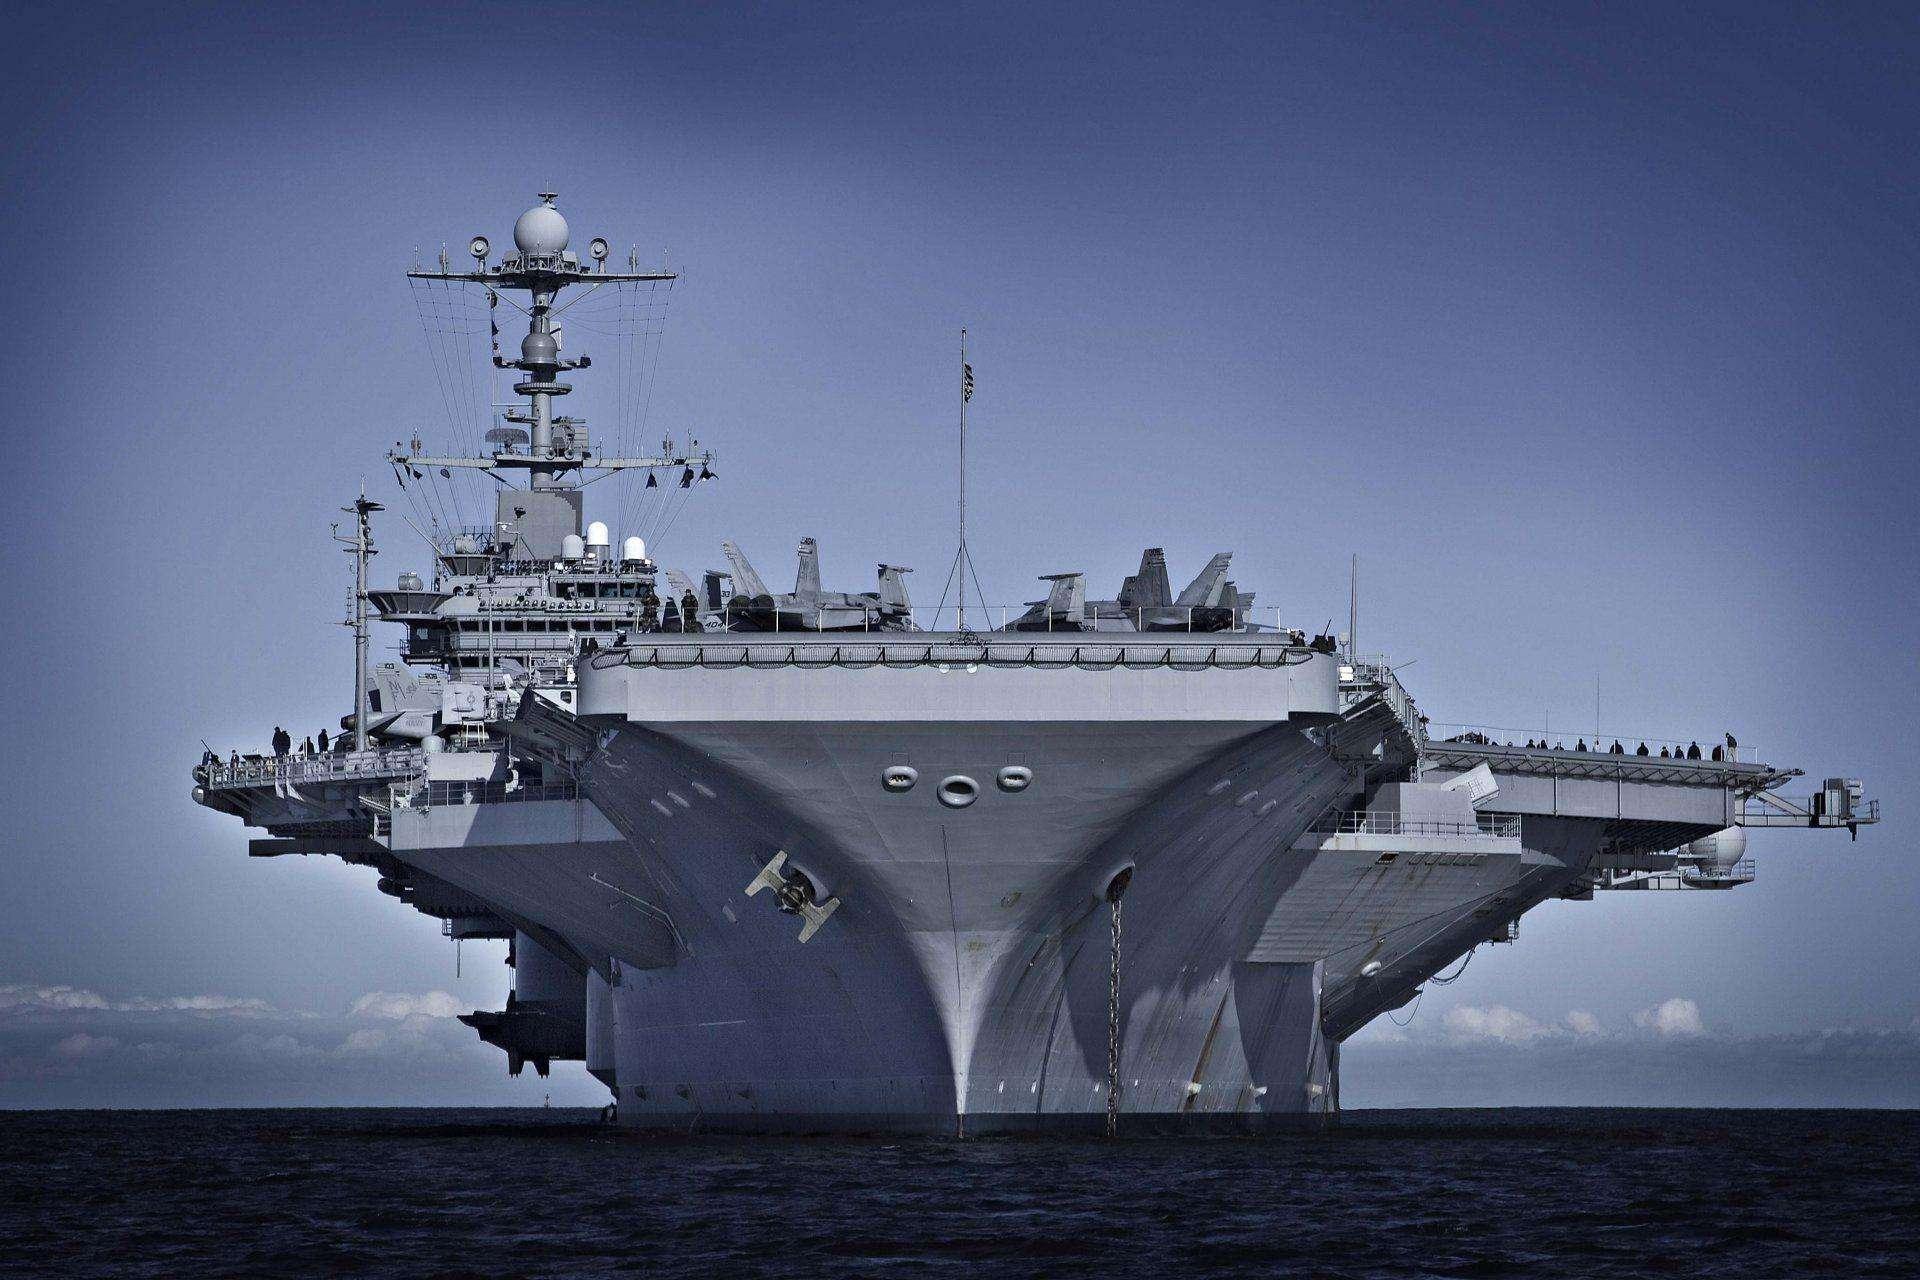 美国动武有何征兆?宣告外交失败、集结作战力量